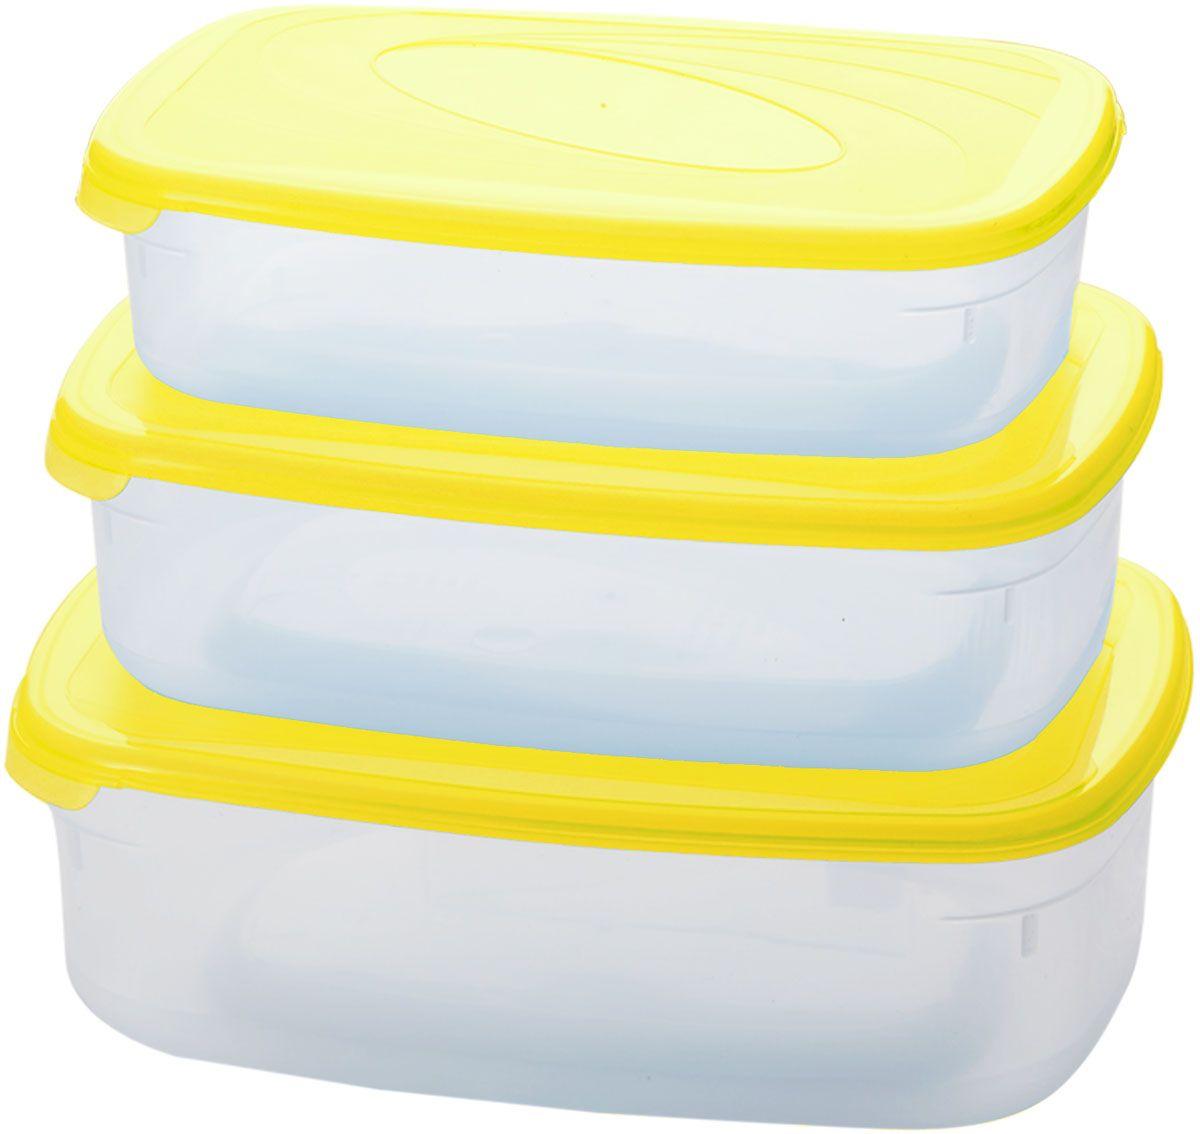 Комплект емкостей для СВЧ Plastic Centre Galaxy, цвет: желтый, прозрачный, 3 предмета. ПЦ2234ЛМНПЦ2234ЛМНКомплект емкостей для СВЧ разных размеров многофункционального применения. Их можно применять как для хранения различных продуктов, так и для разогрева пищи, замораживания ягод и овощей в морозильной камере и т.п. Широкий ассортимент форм, объемов и цветов удовлетворит любой вкус и потребности. При хранении продуктов емкости можно ставить одну на другую, сохраняя полезную площадь холодильника или морозильной камеры.